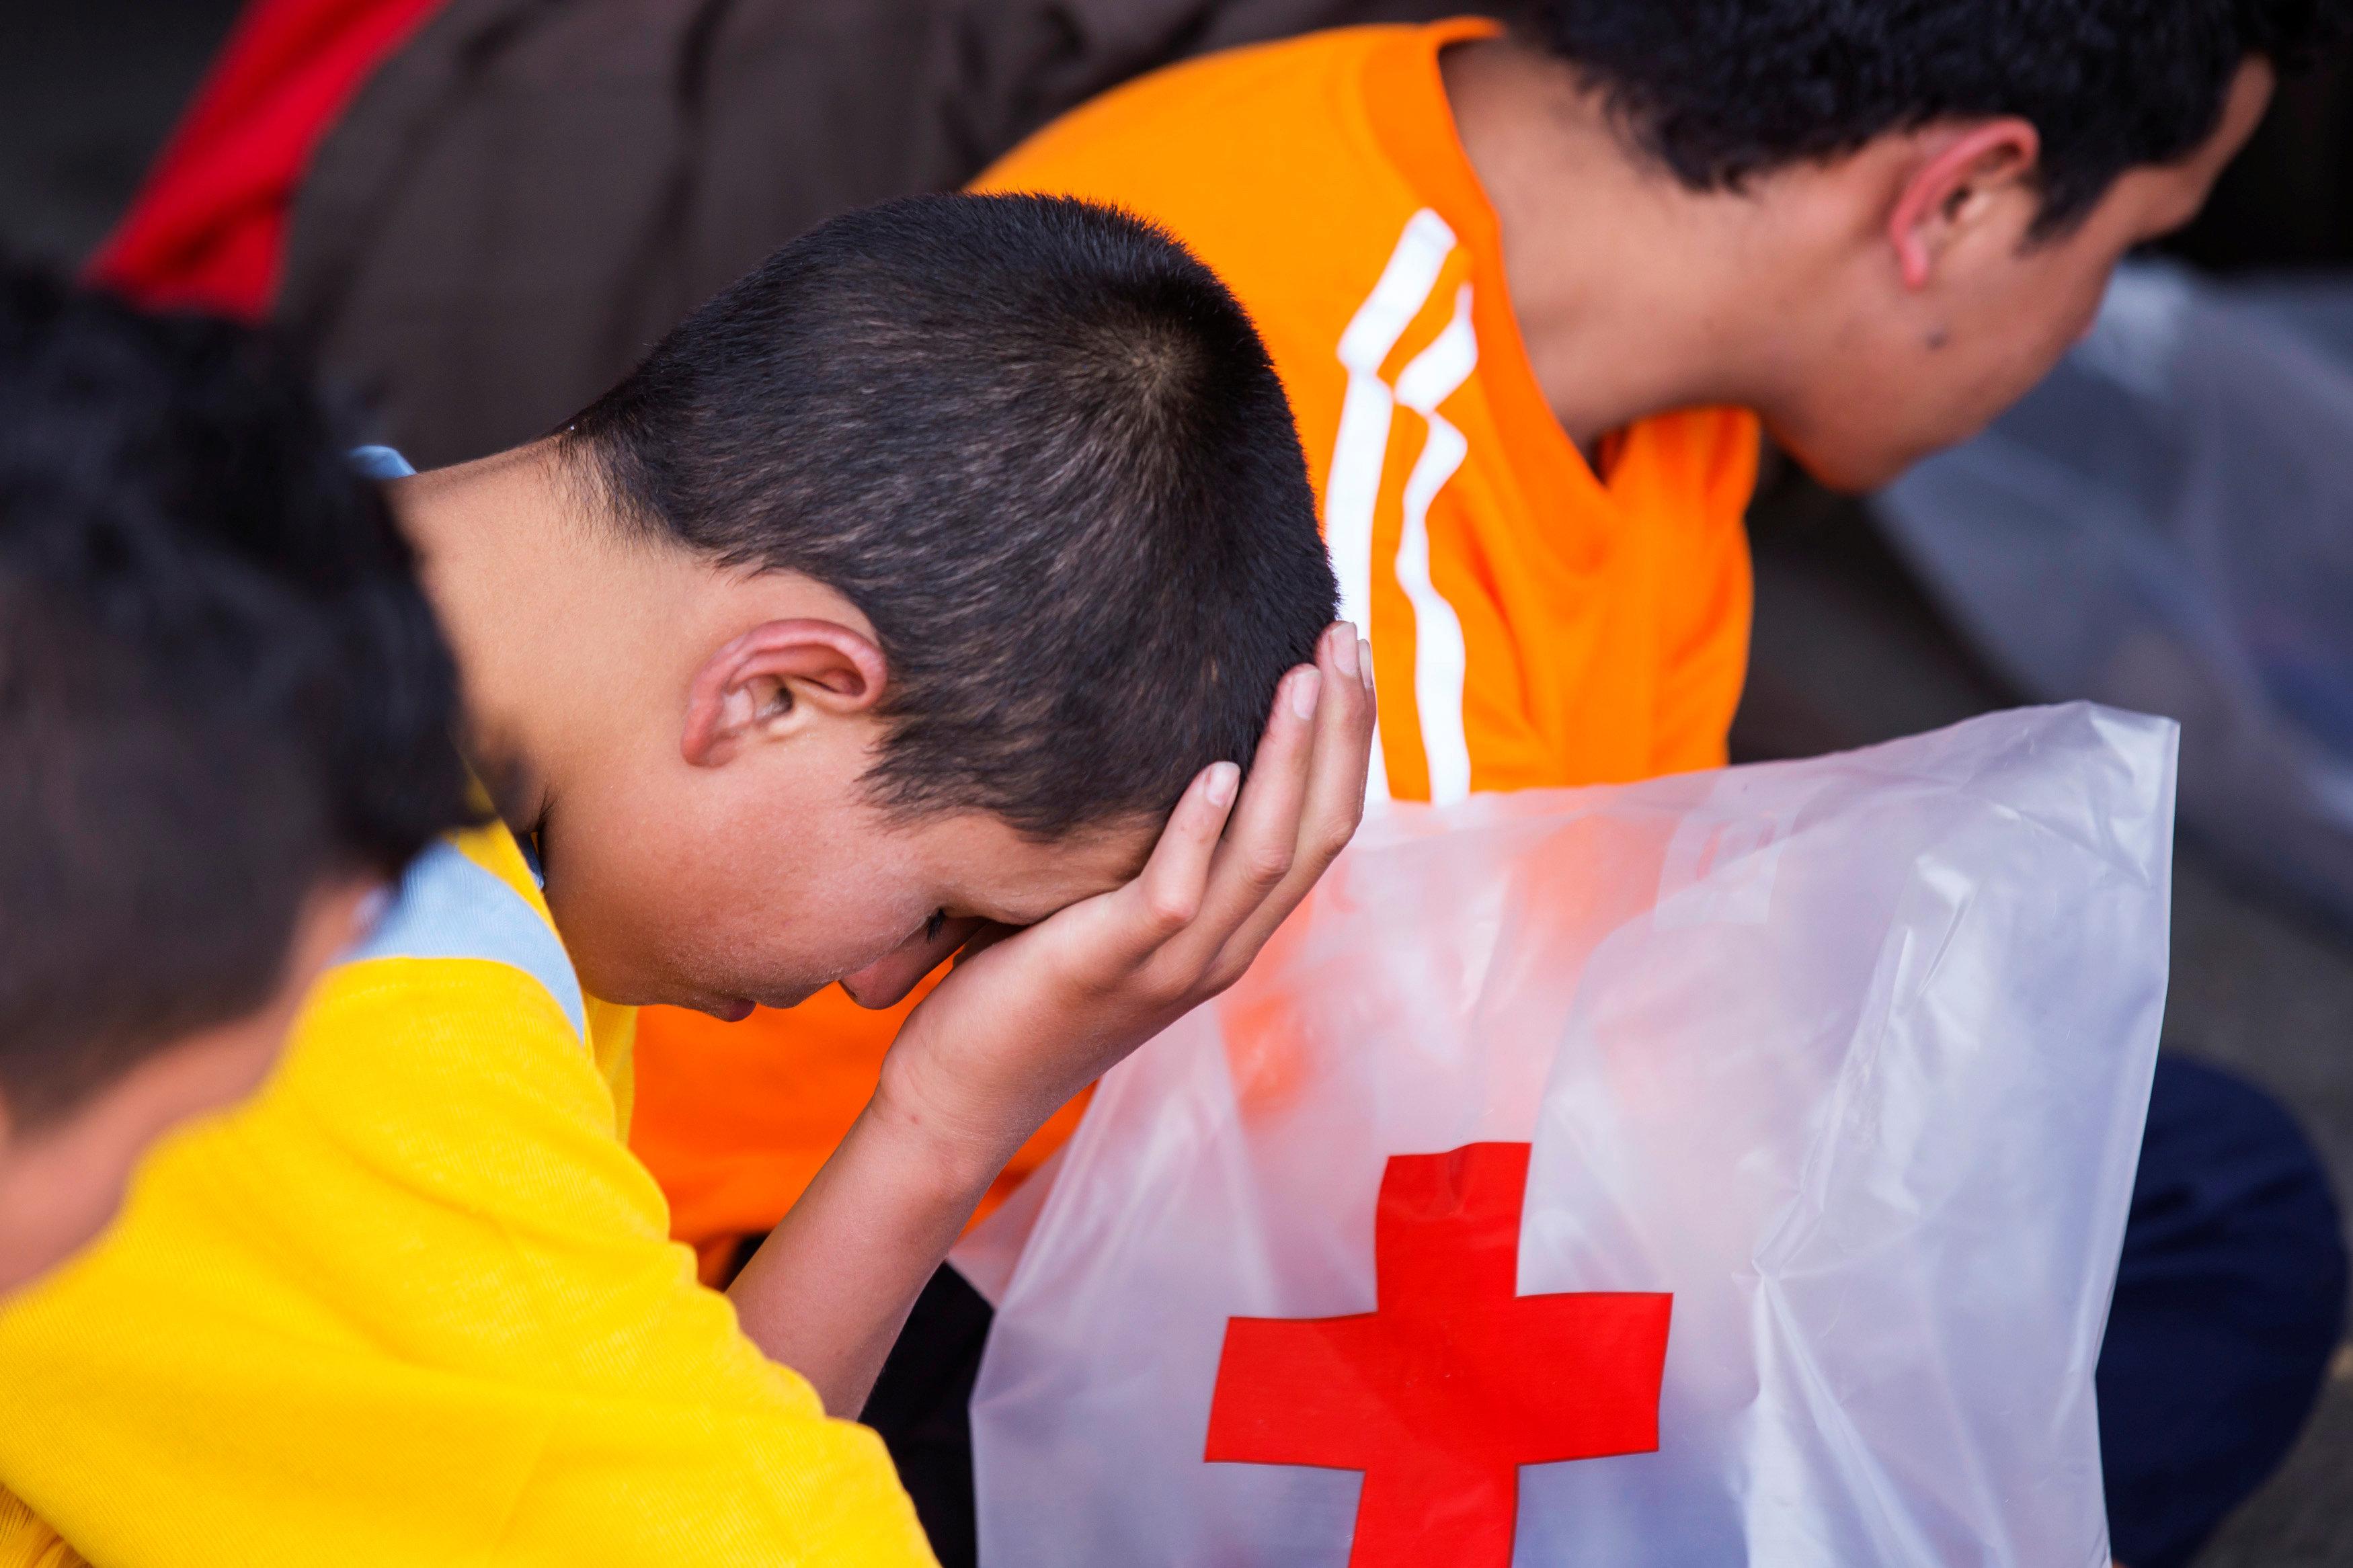 Une délégation marocaine en Espagne en vue du rapatriement des mineurs